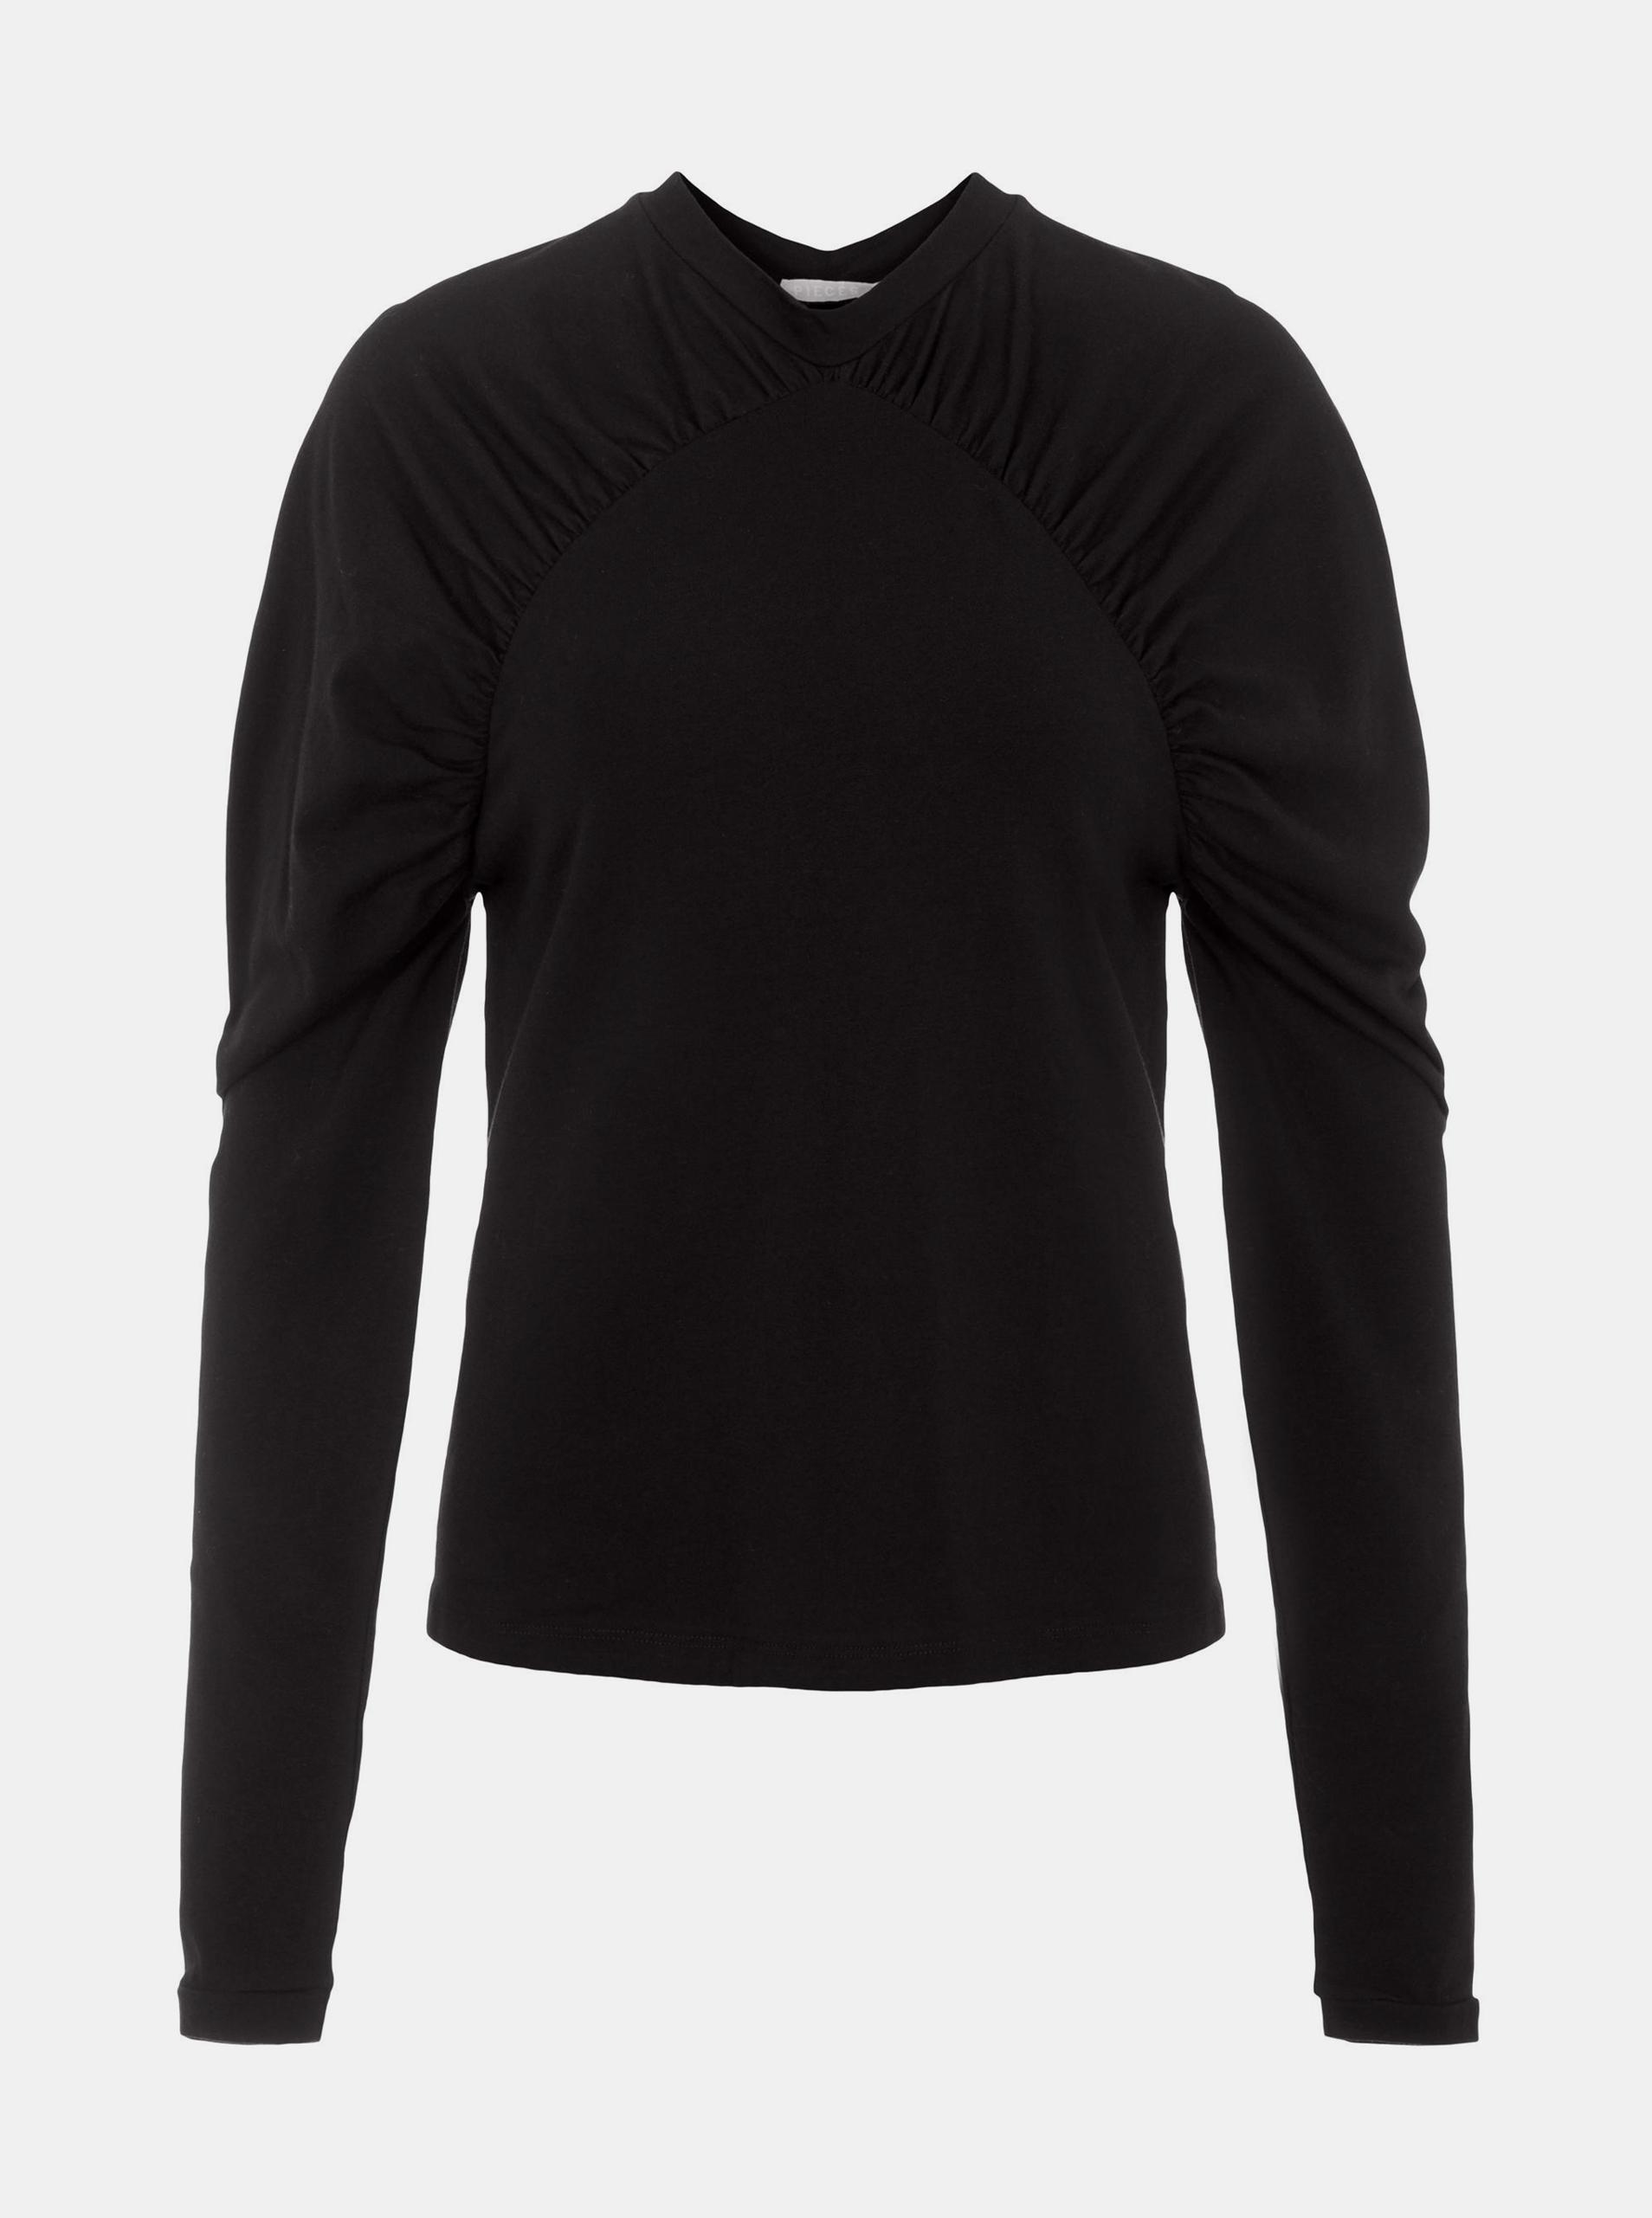 Pieces black women´s T-shirt